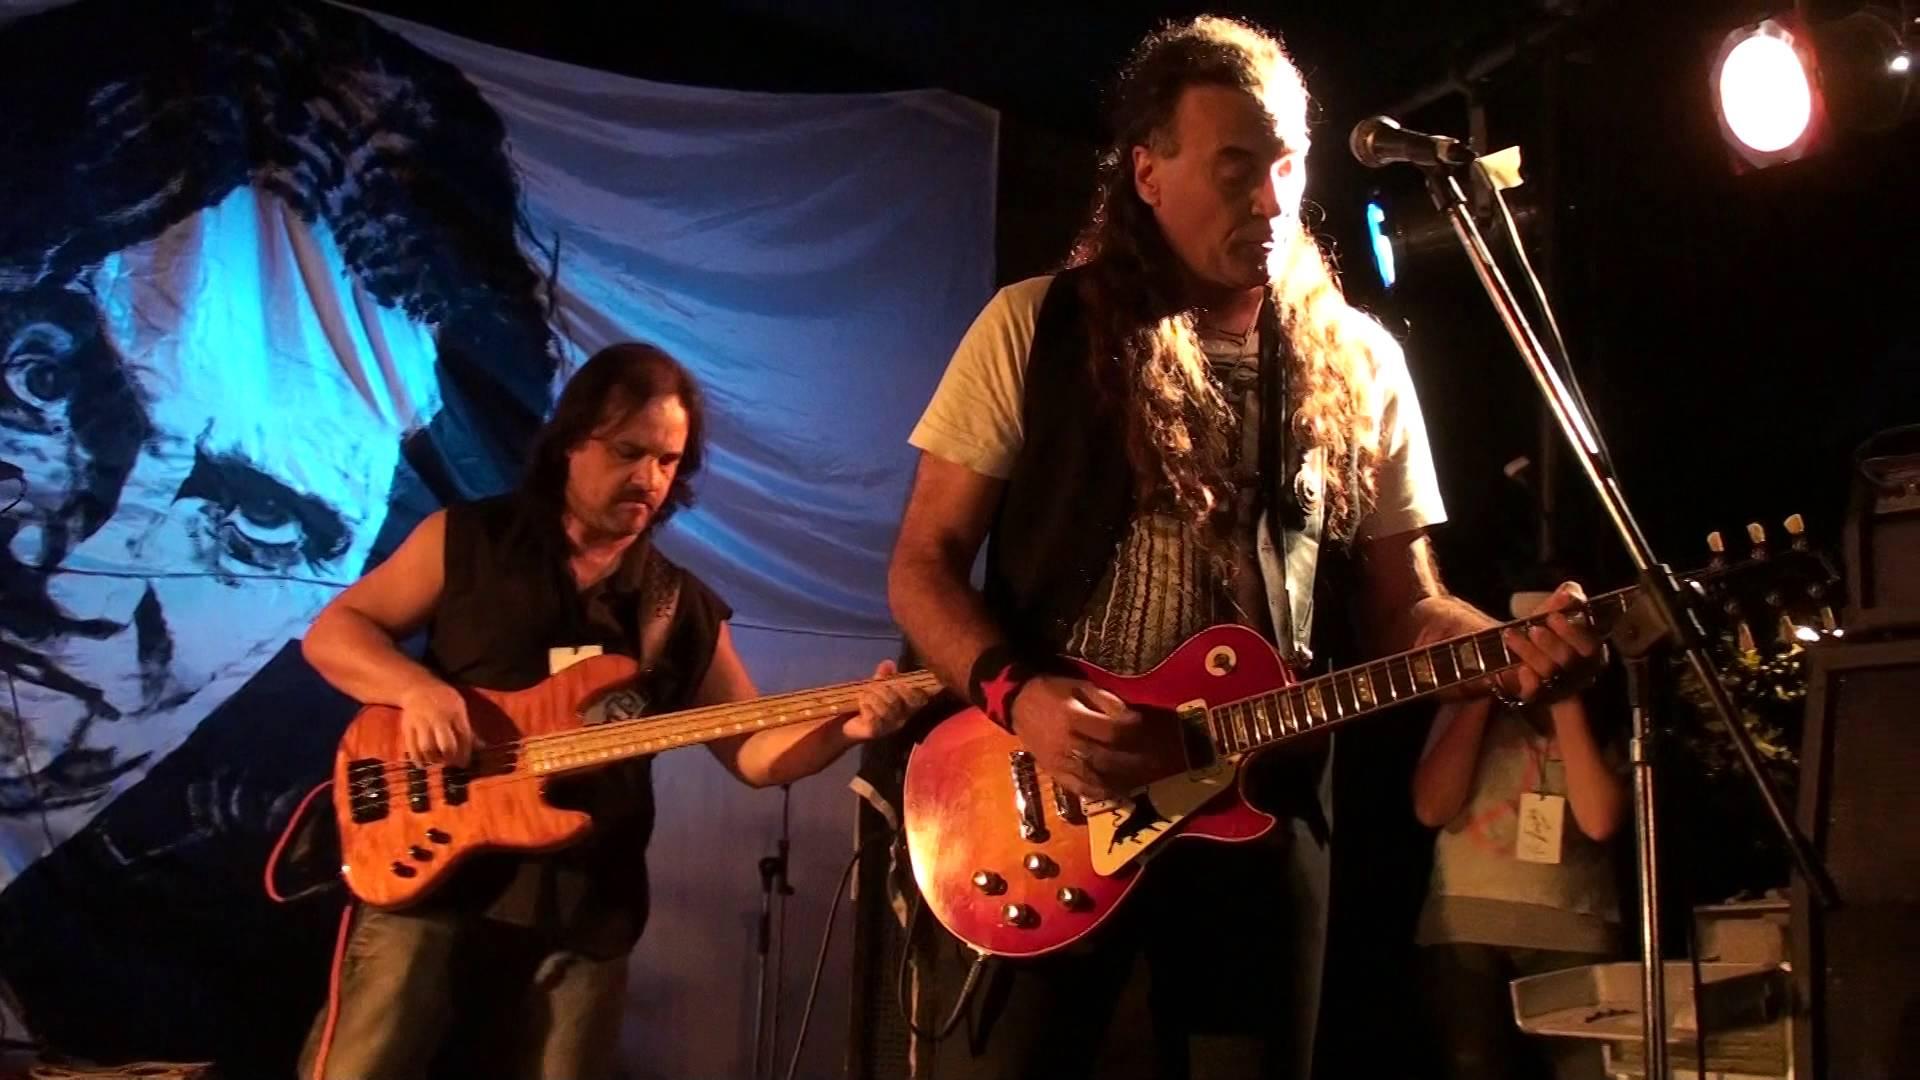 """Gady Pampillón: """"Para hacer hard rock éramos capaces de romper nuestras guitarras"""" - Radio Cantilo"""